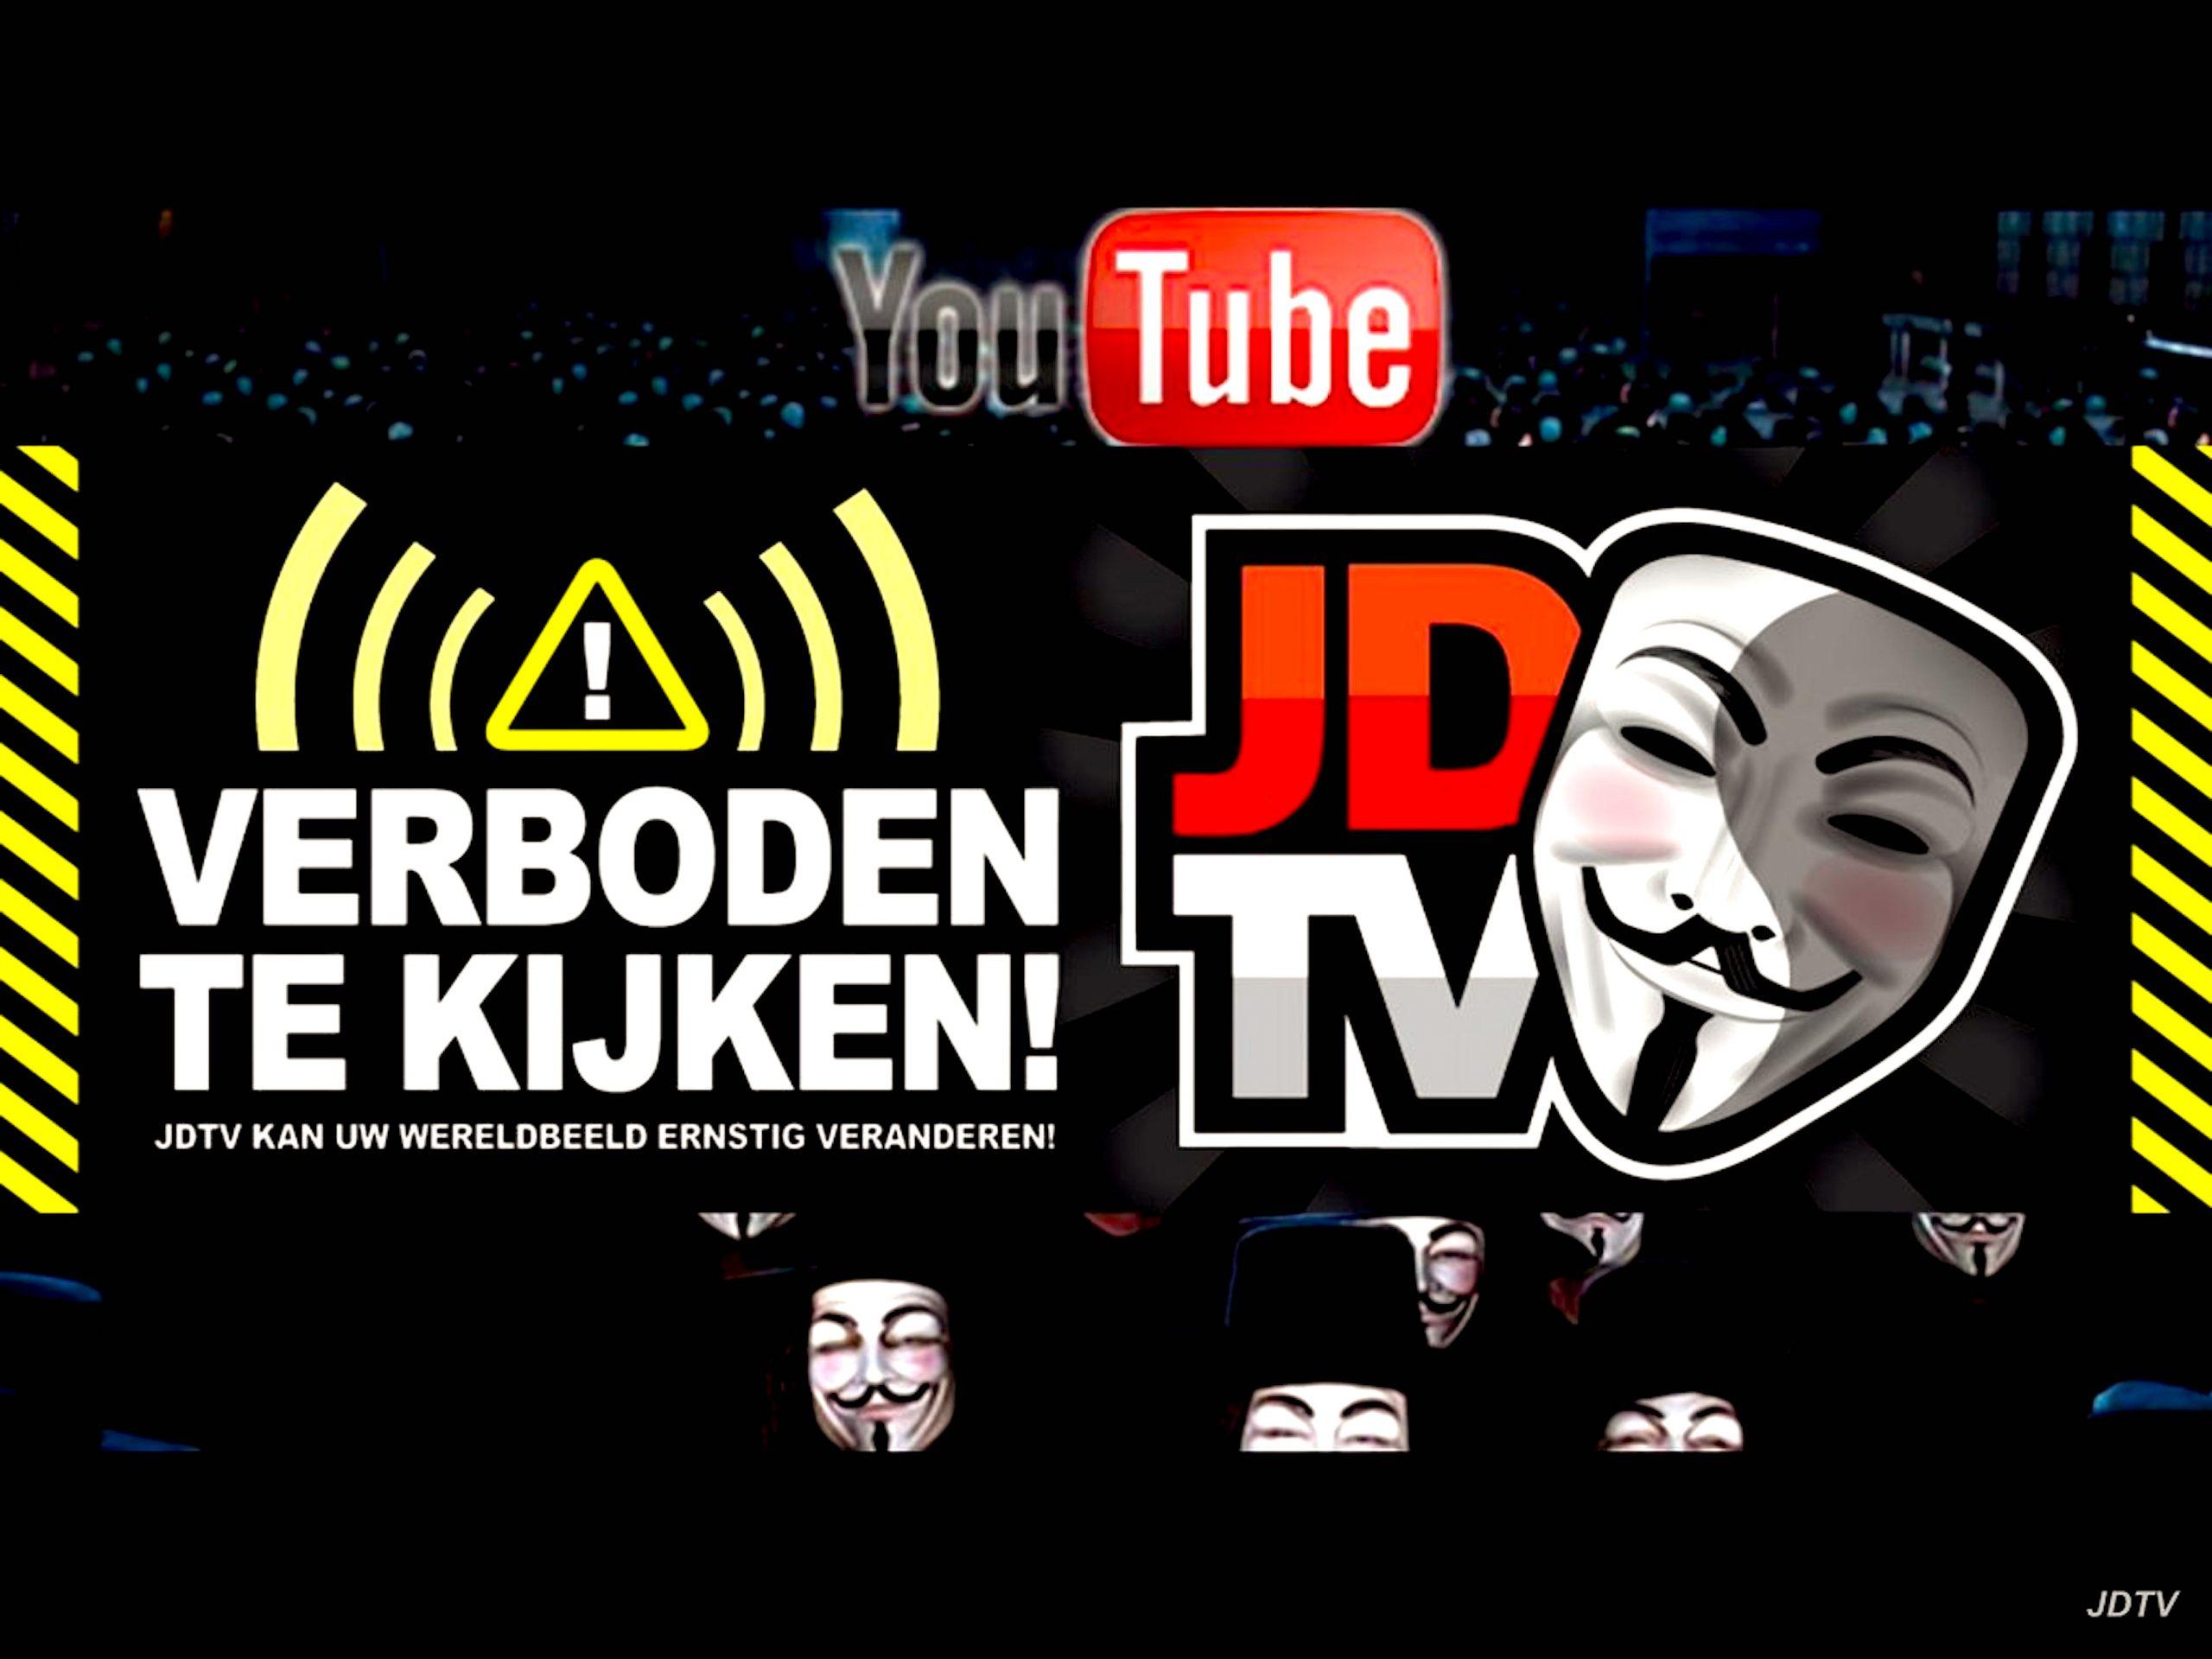 Verboden te kijken (foto JDTV)